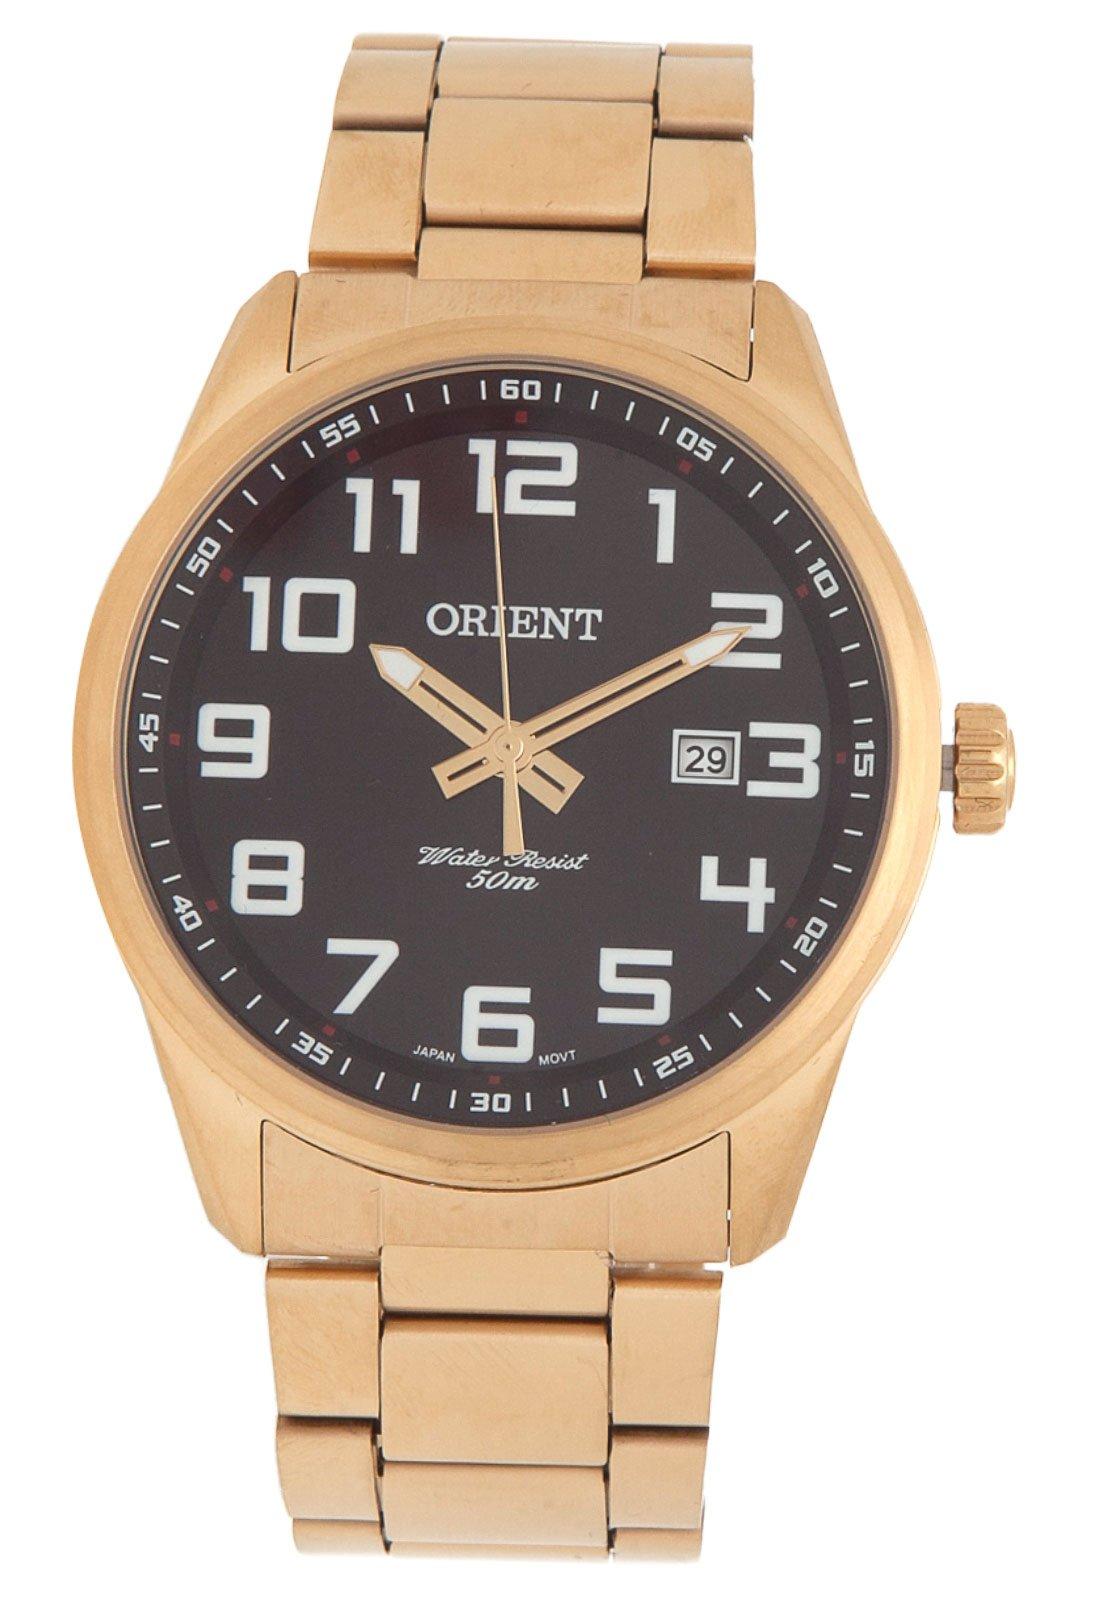 Orient MGSS1108 P2KX 586712